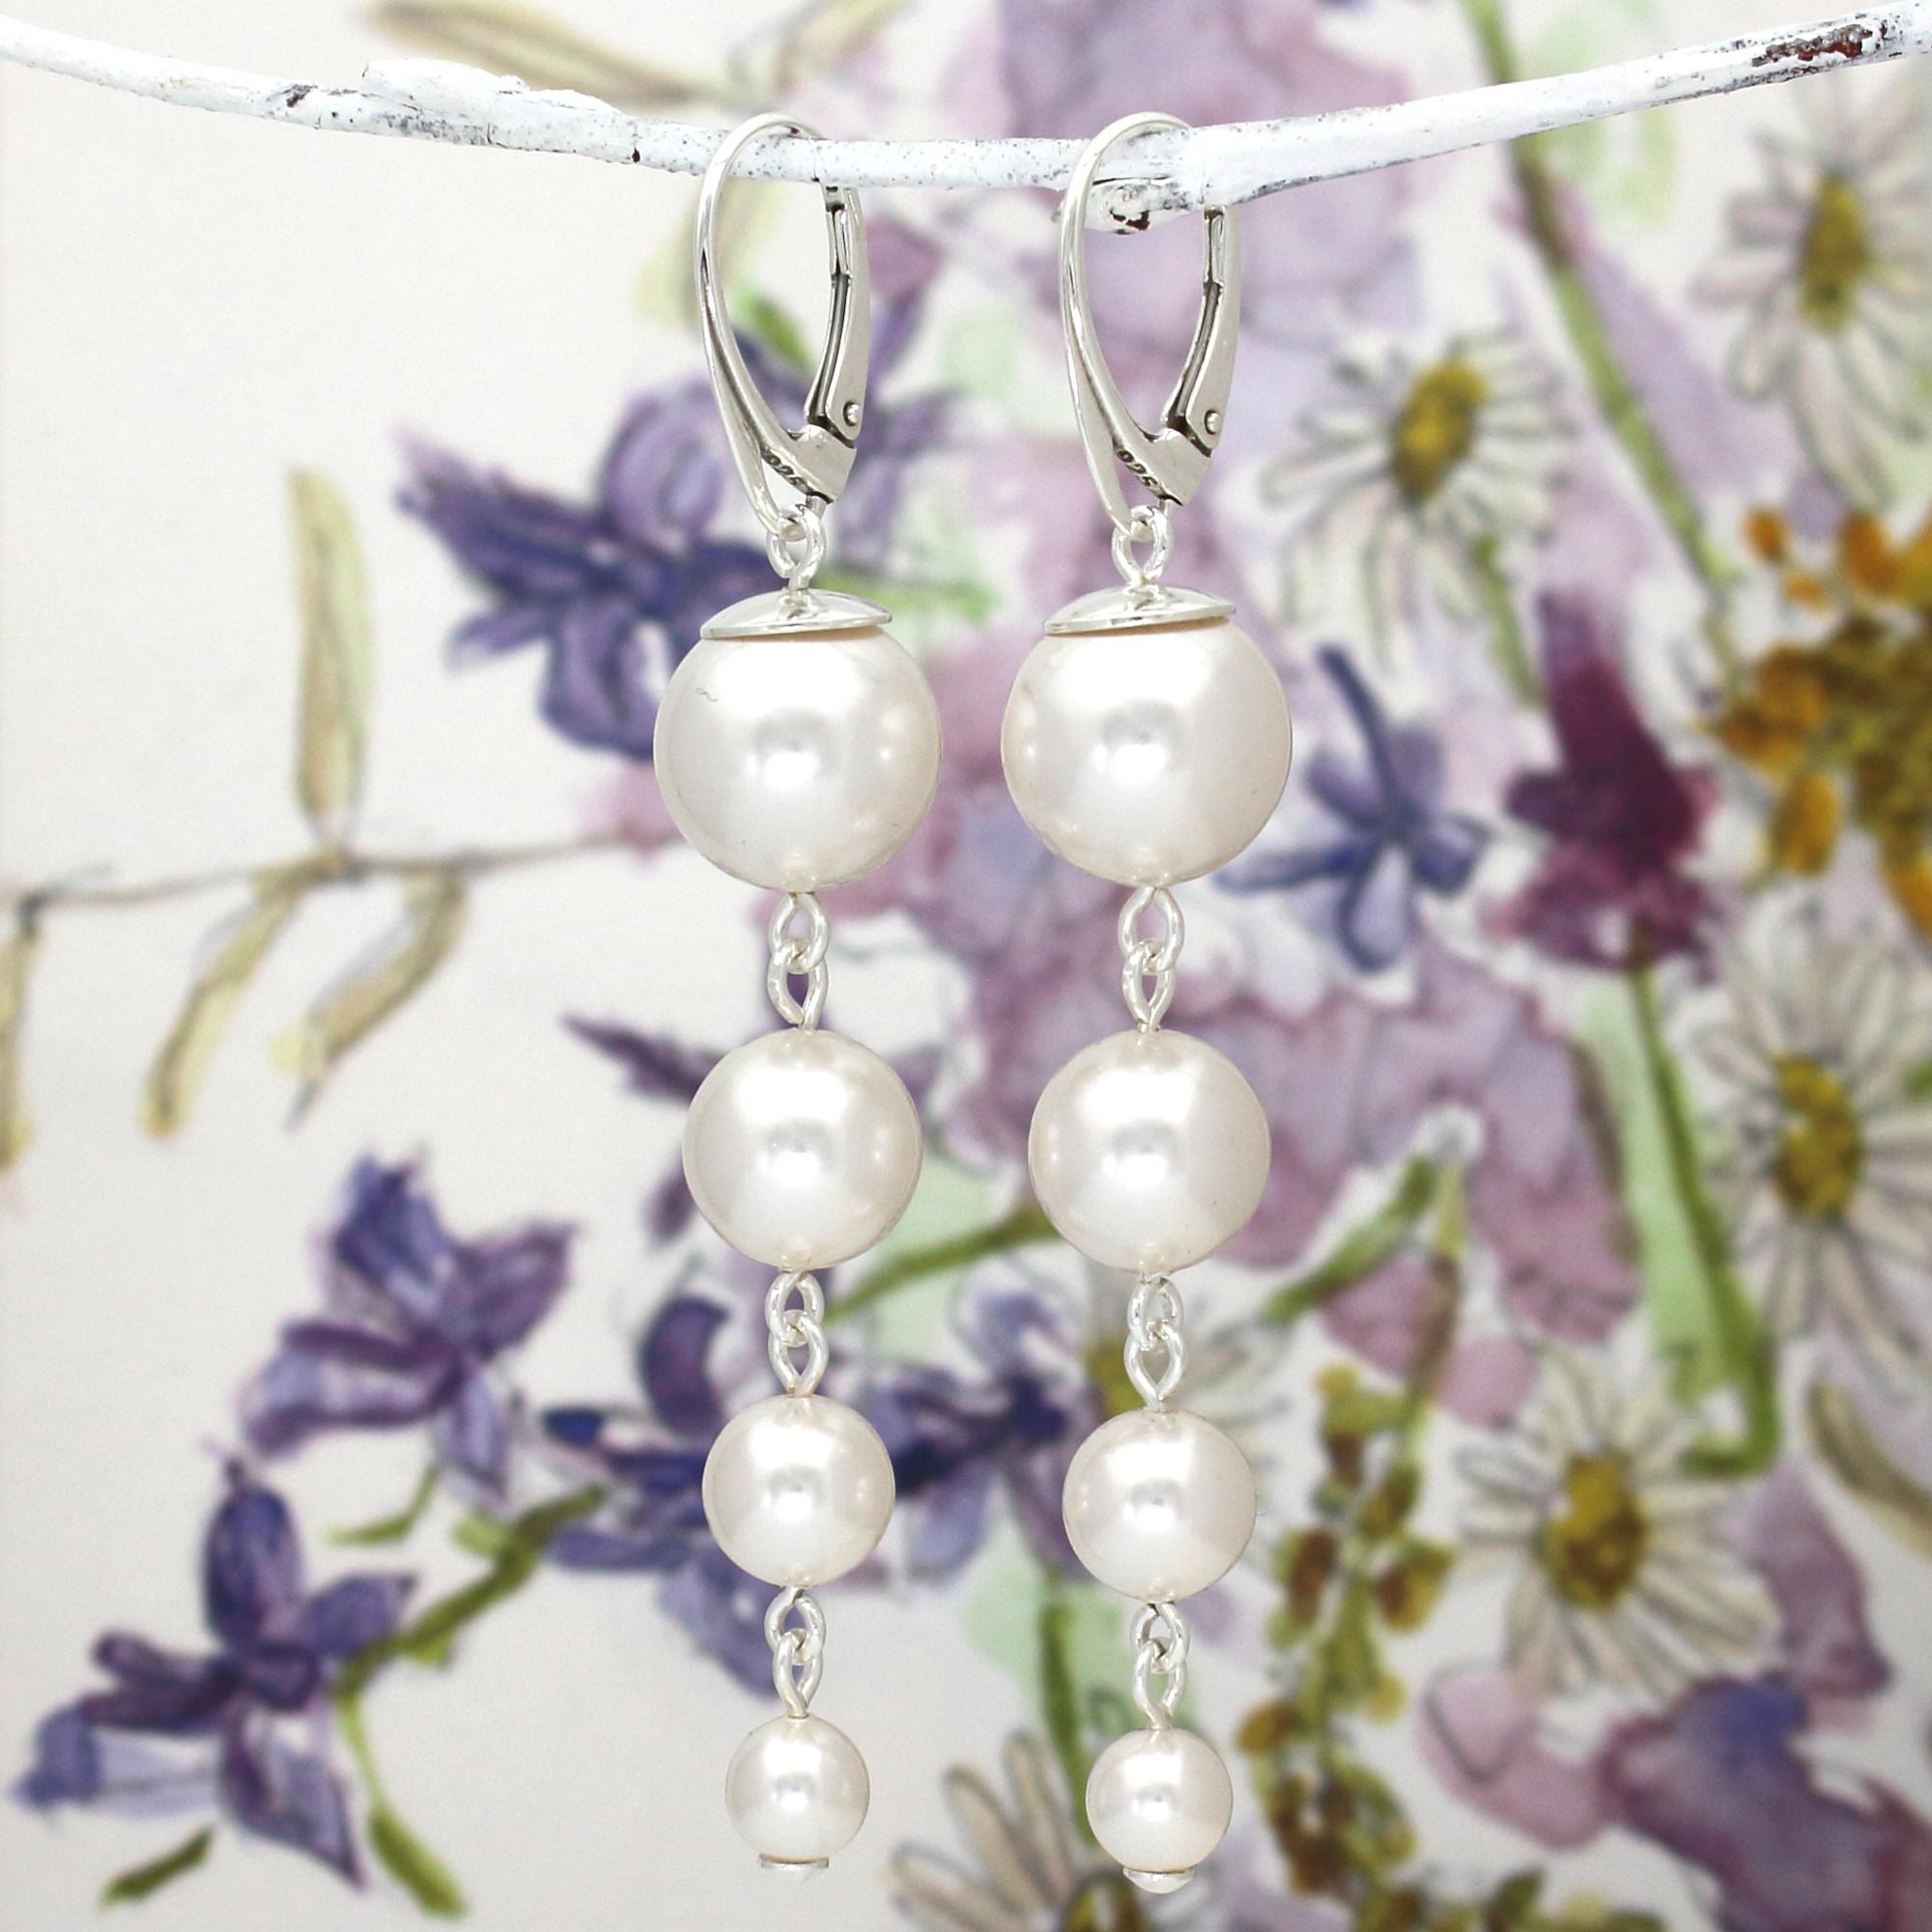 ARLIZI Schmuck weiße Perle Ohrringe Sterling Silber